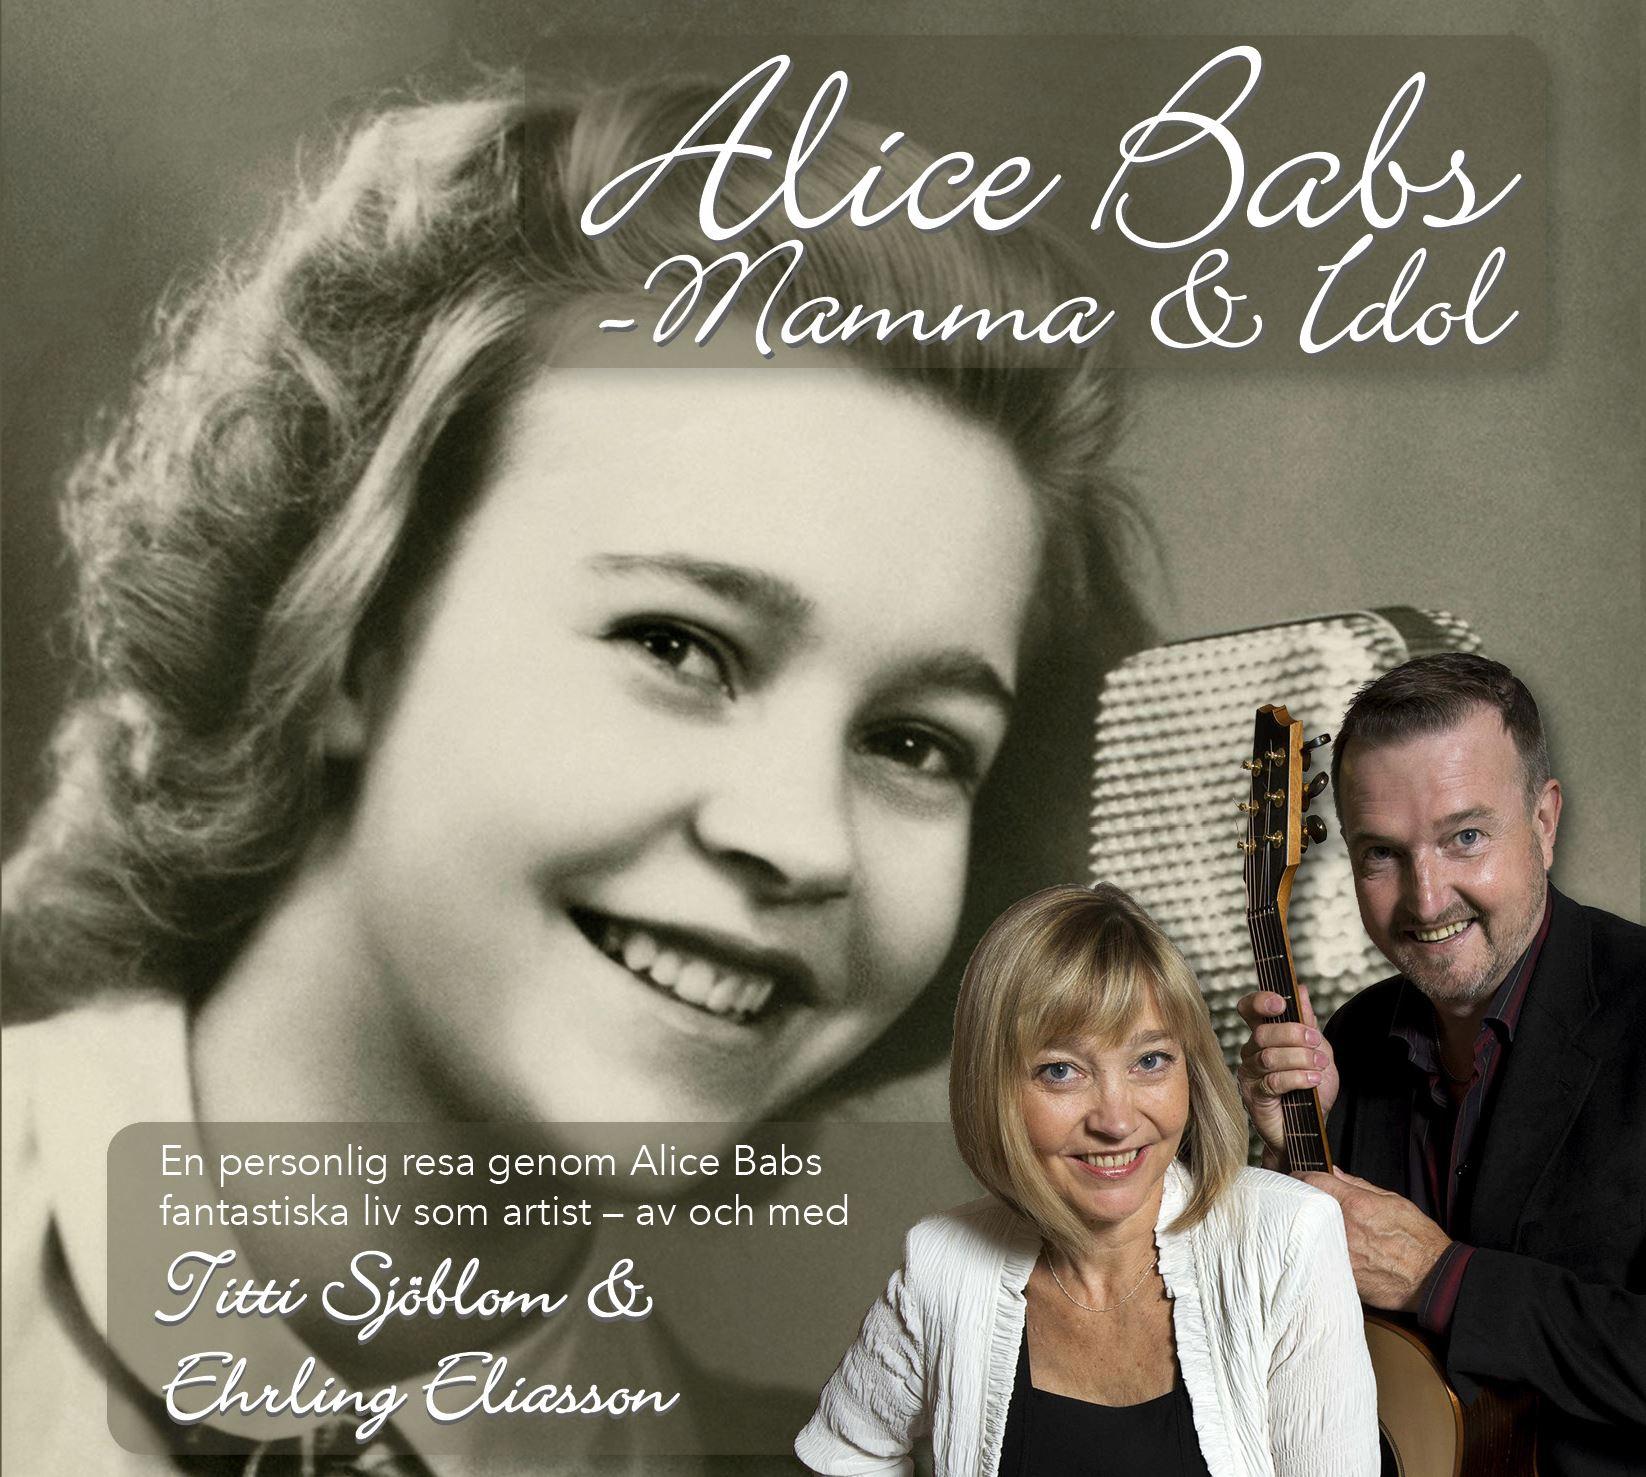 Musiksoppa: Titti Sjöblom och Ehrling Eliasson – Alice Babs, mamma och idol